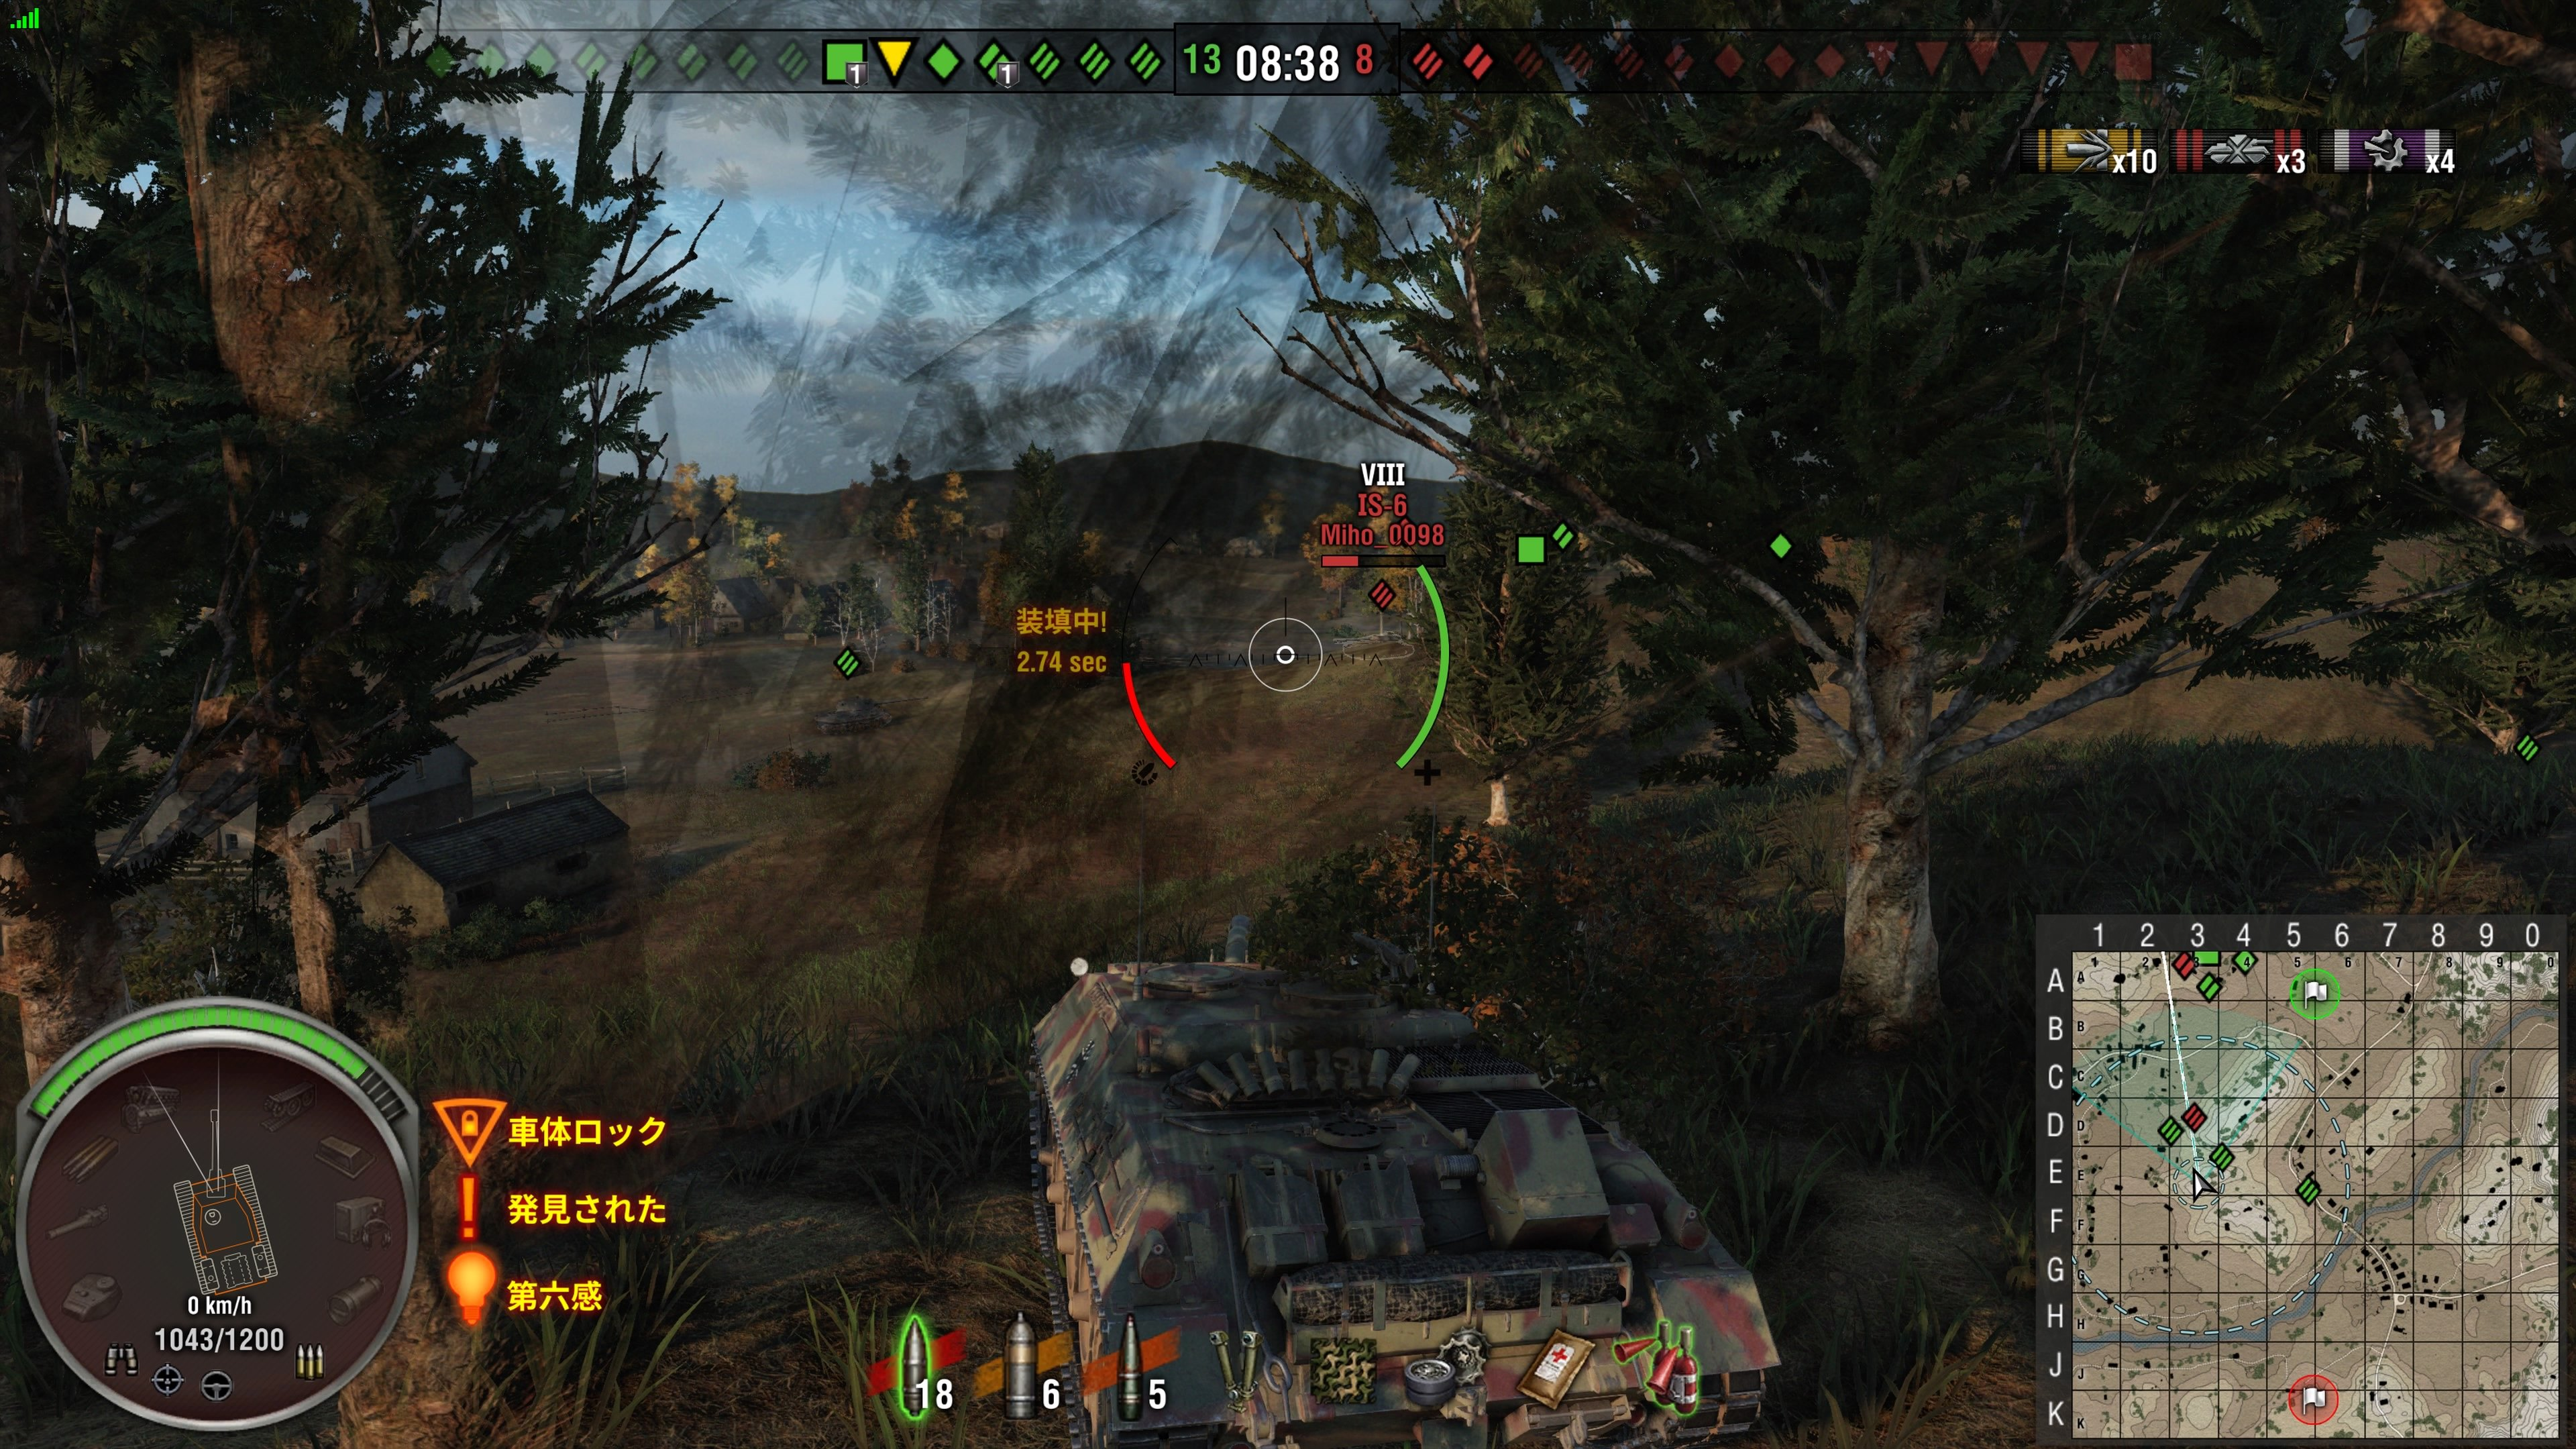 コンソール版では、敵に見つかると左下に「発見」が表示される。第六感より性能は低く、第六感が反応してから3秒後に表示される。ただ、ビギナーにはありがたい機能だ